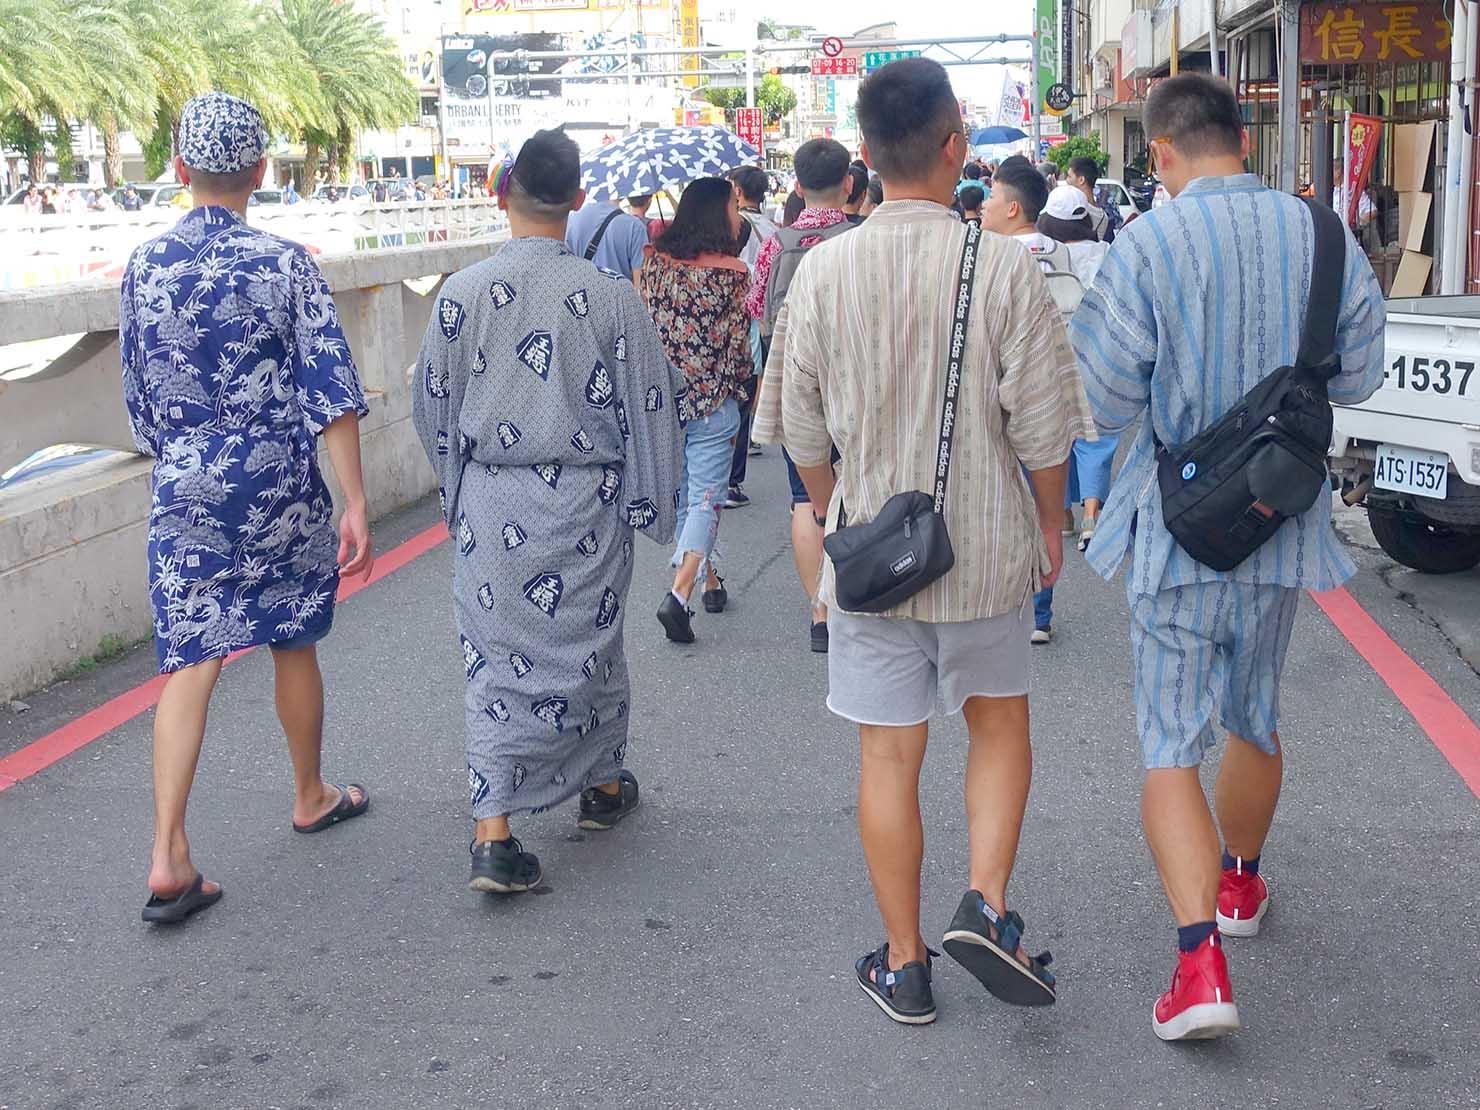 花東彩虹嘉年華(台湾東部LGBTプライド)のパレードを浴衣で歩くグループ